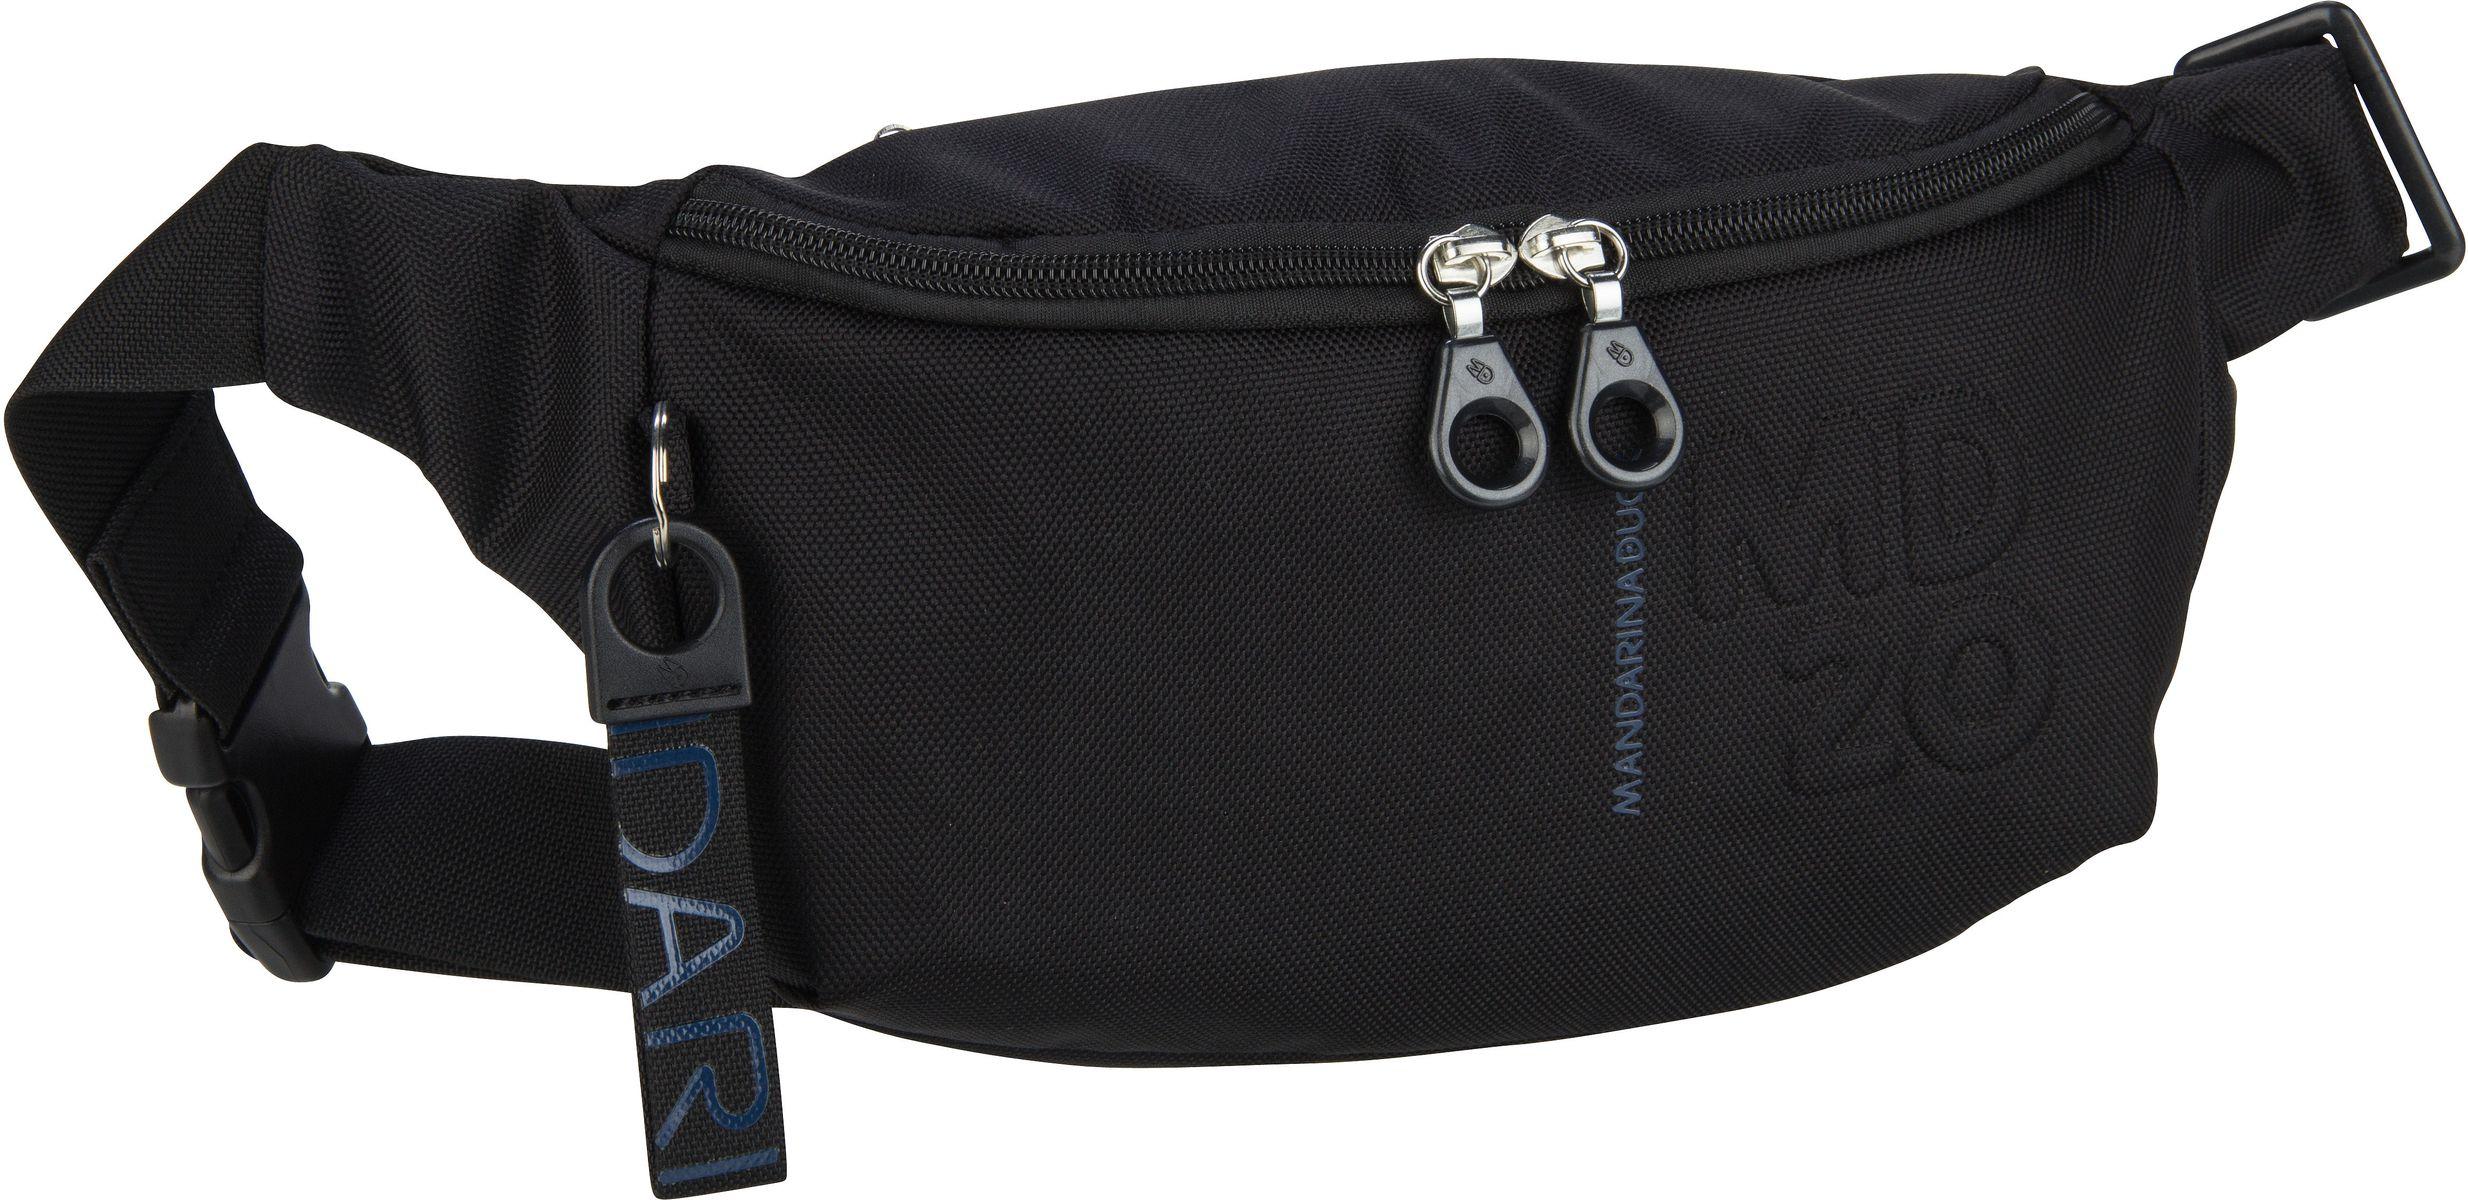 Kleinwaren - Mandarina Duck Gürteltasche MD20 Bum Bag QMMM3 Black  - Onlineshop Taschenkaufhaus